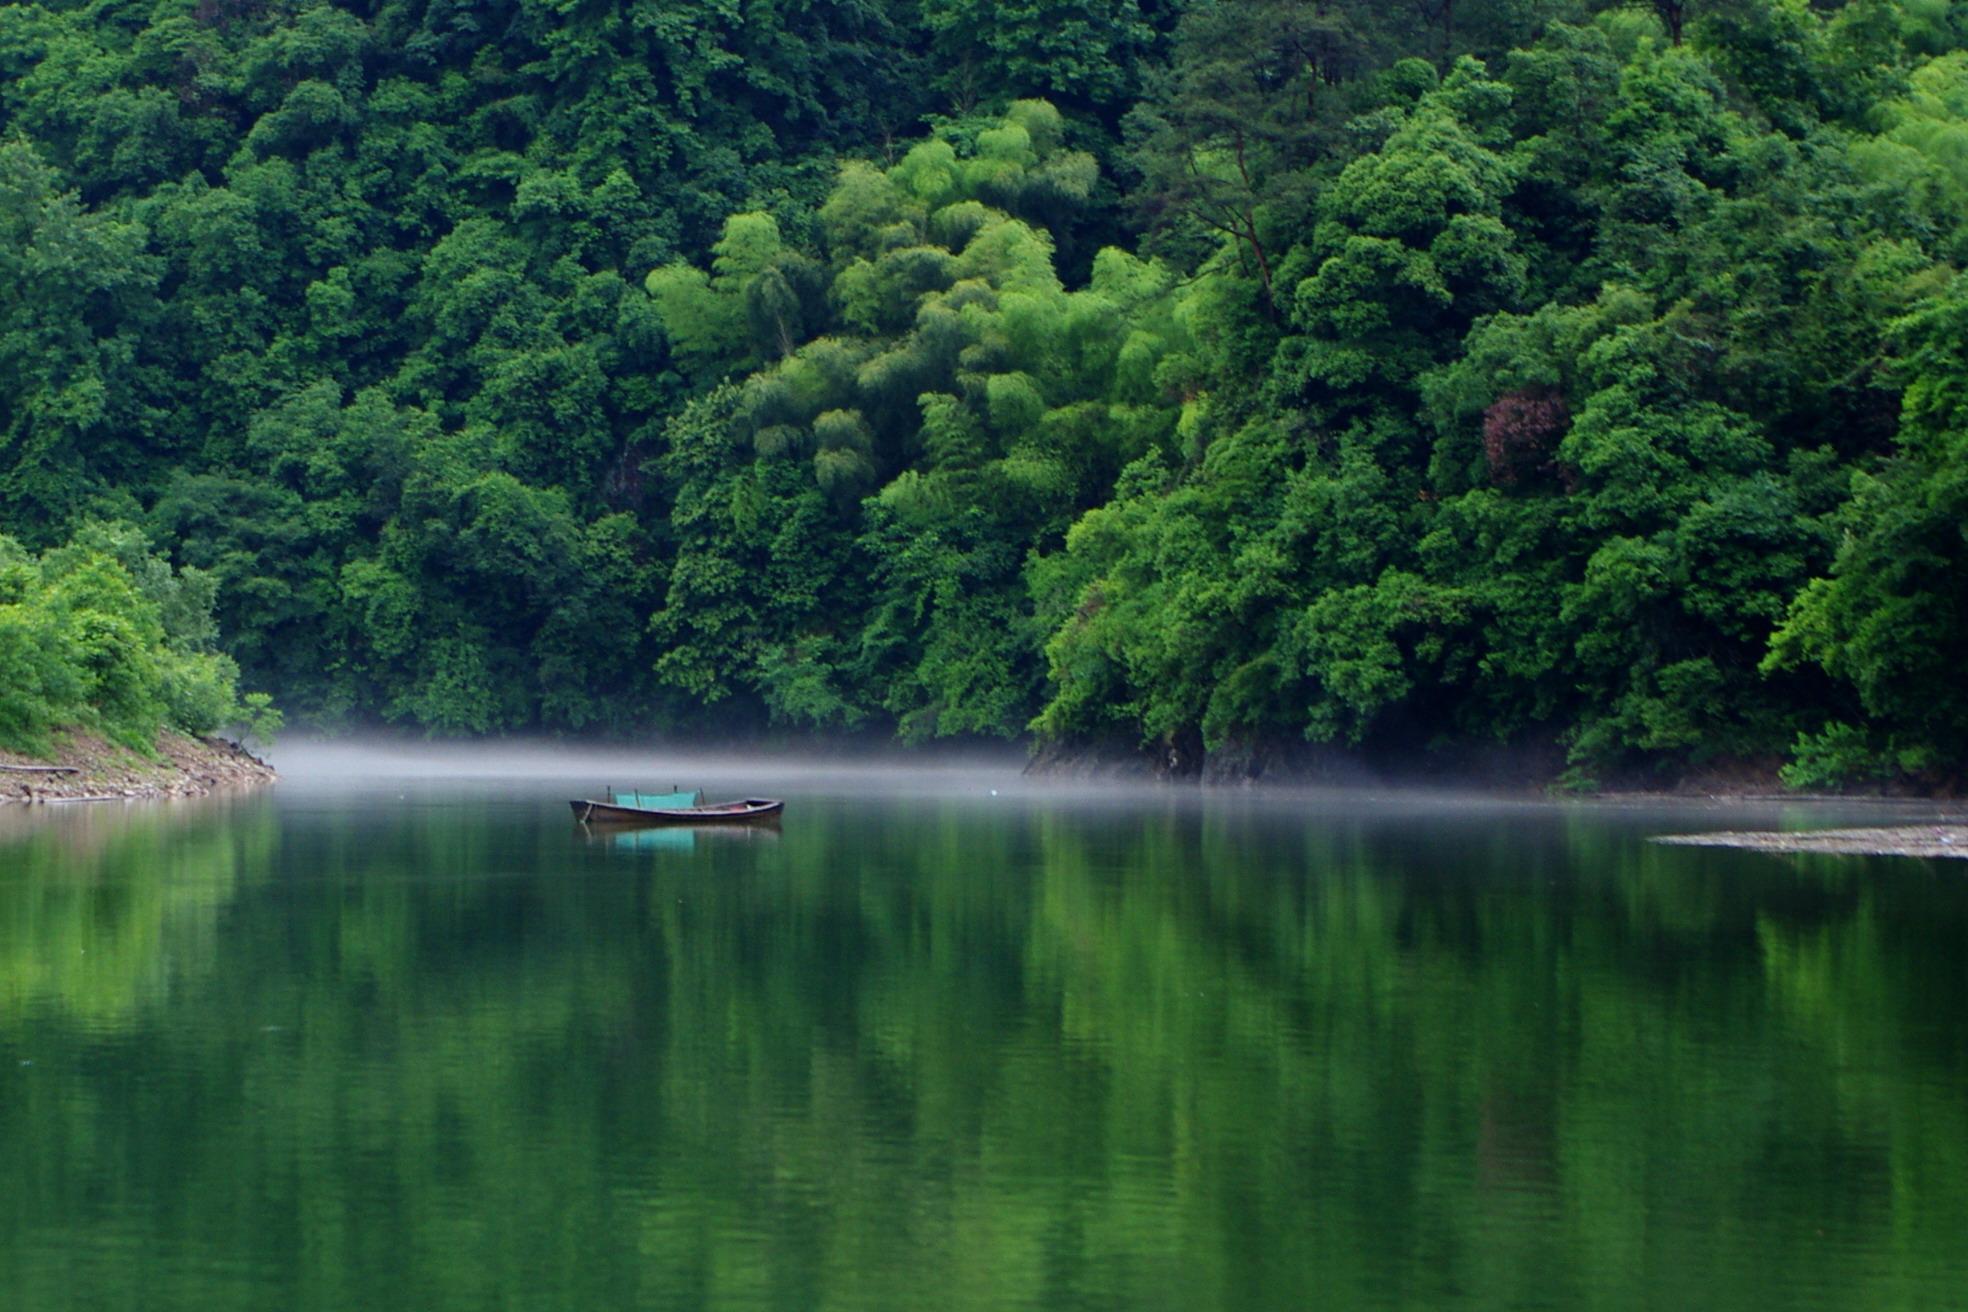 去年去诸暨,在五泄风景区一湖边看到一片白雾相当漂亮.